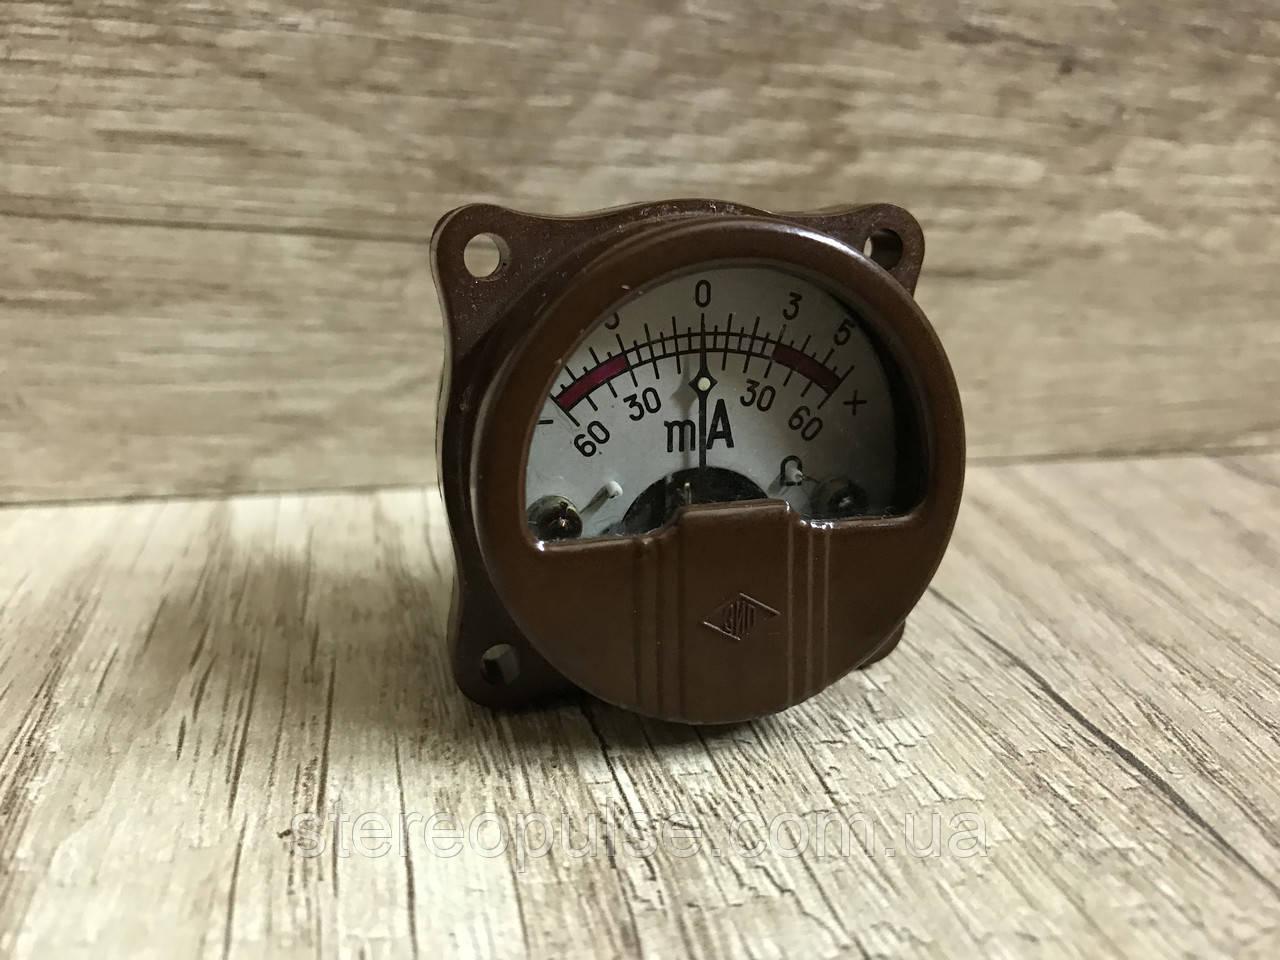 Измерительная  головка   60-0-60 мА.